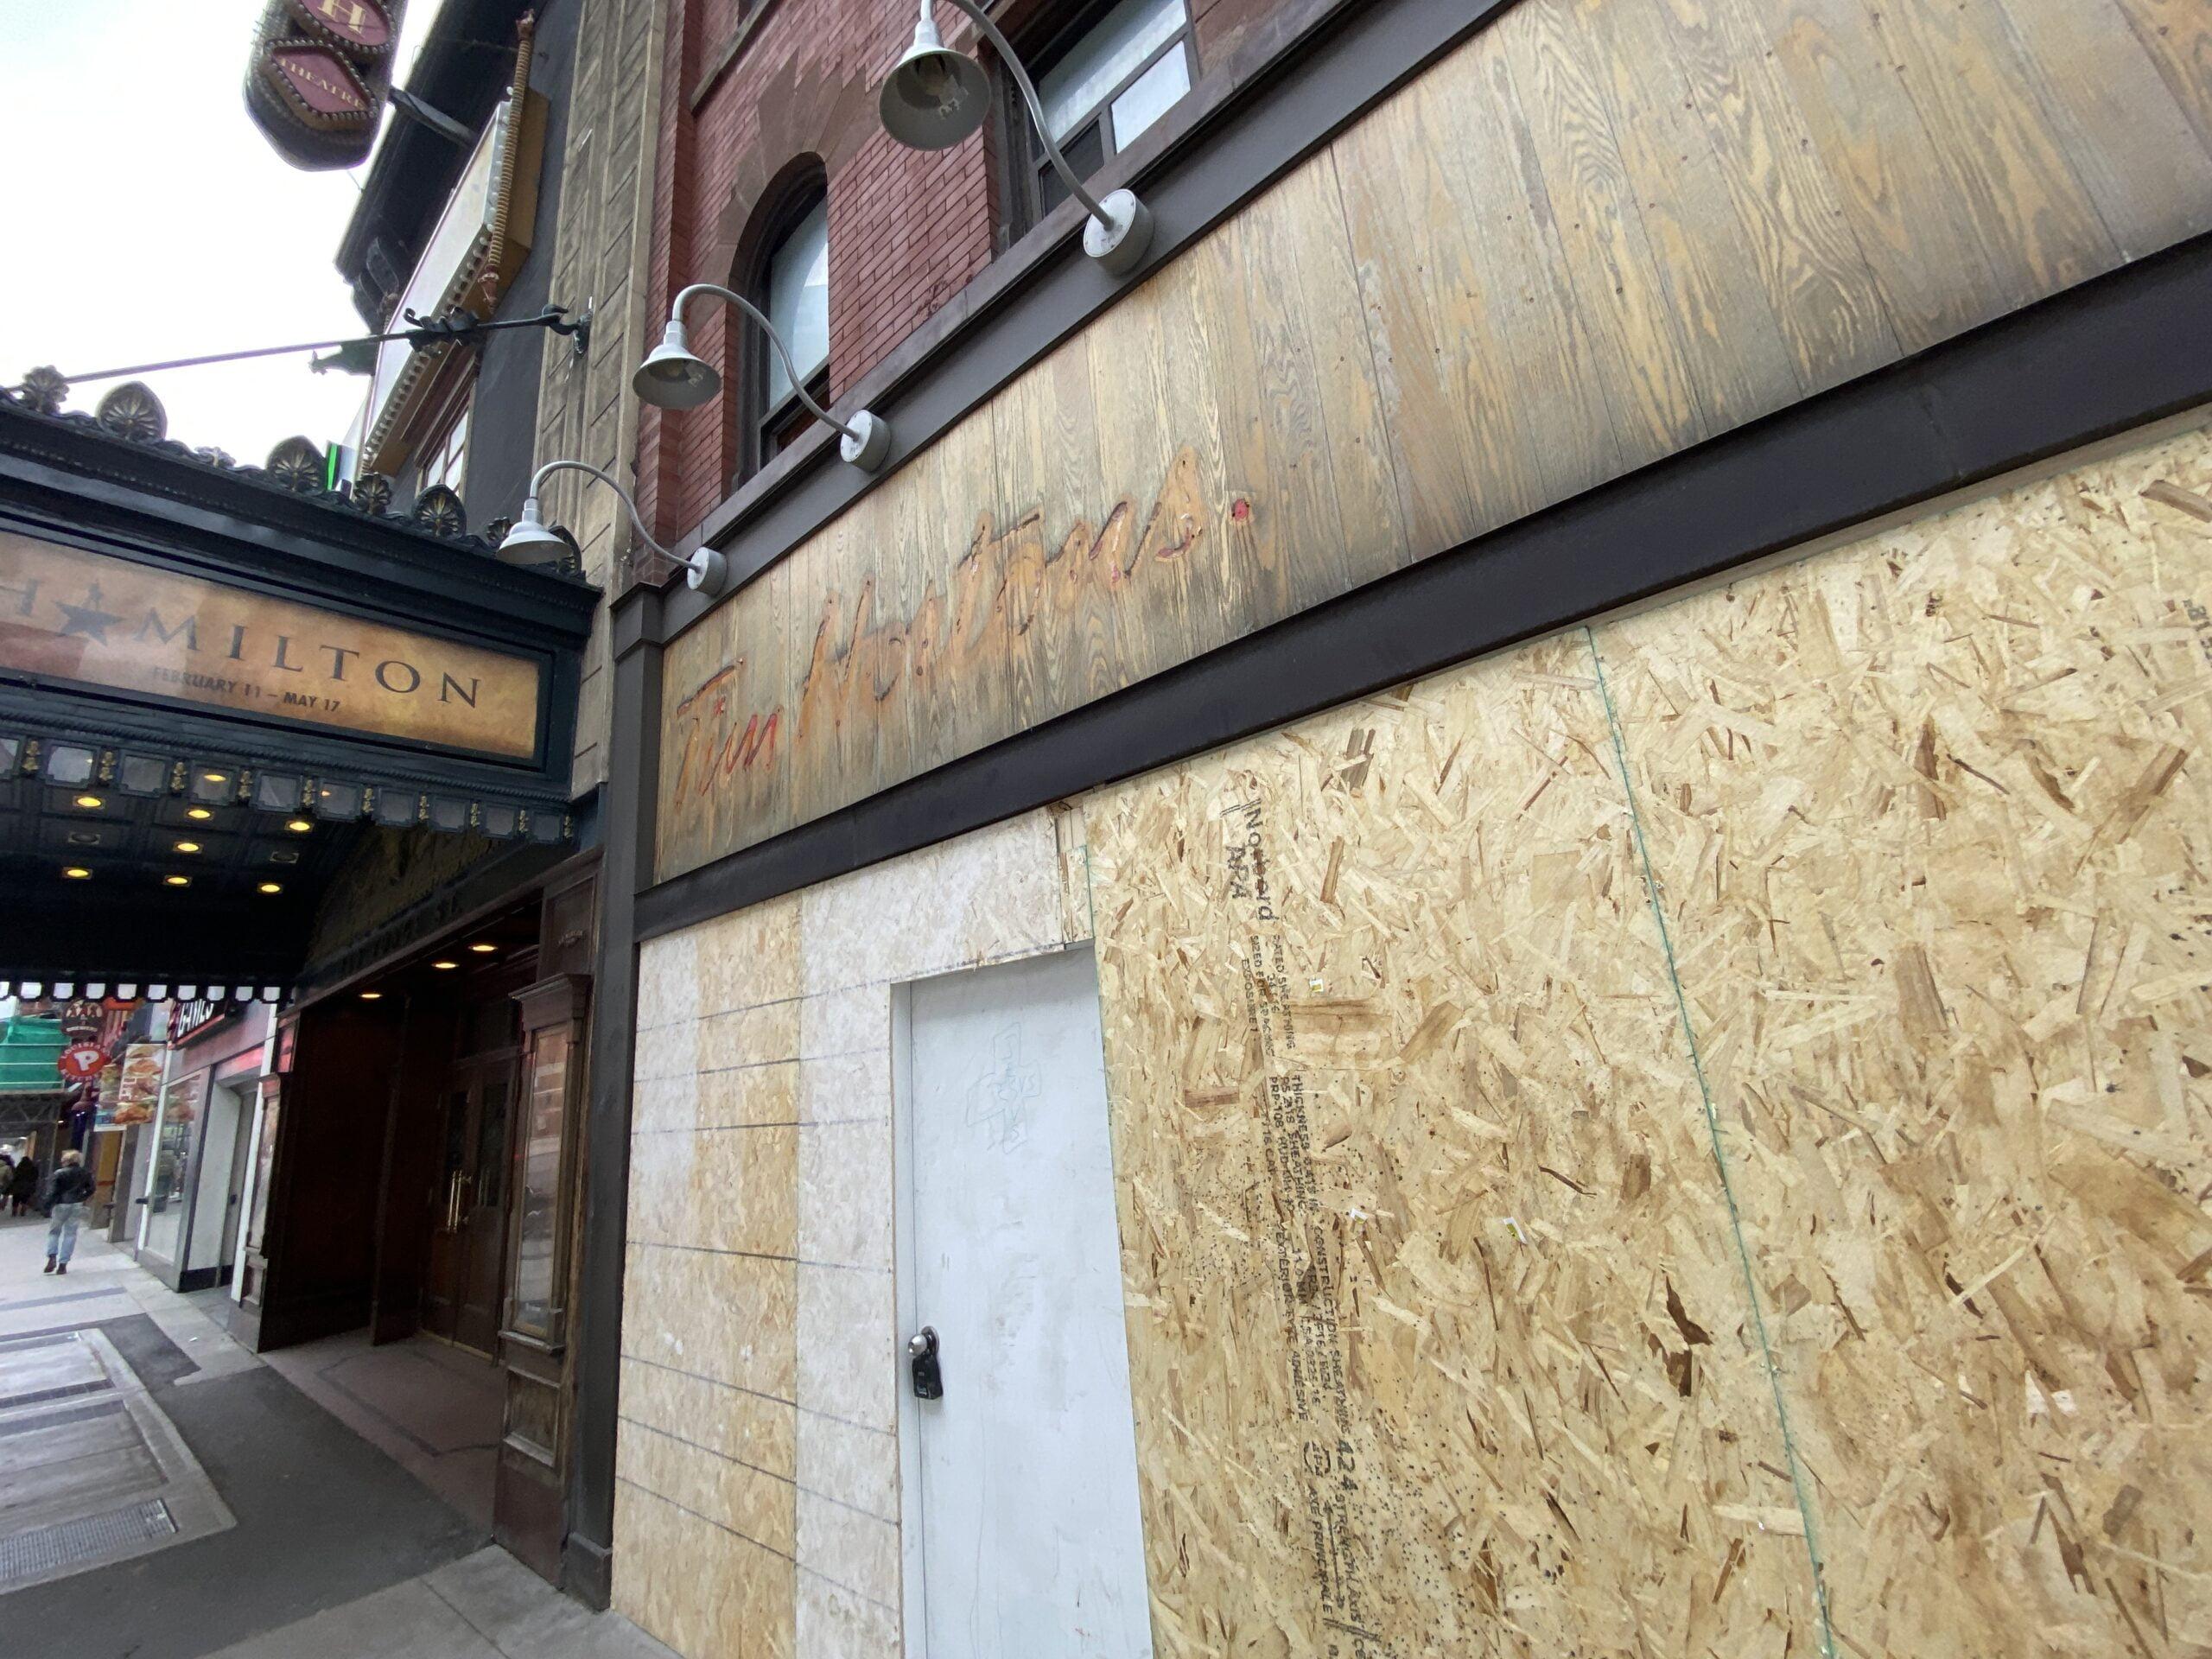 Shuttered Tim Hortons in Toronto. Photo: Dustin Fuhs